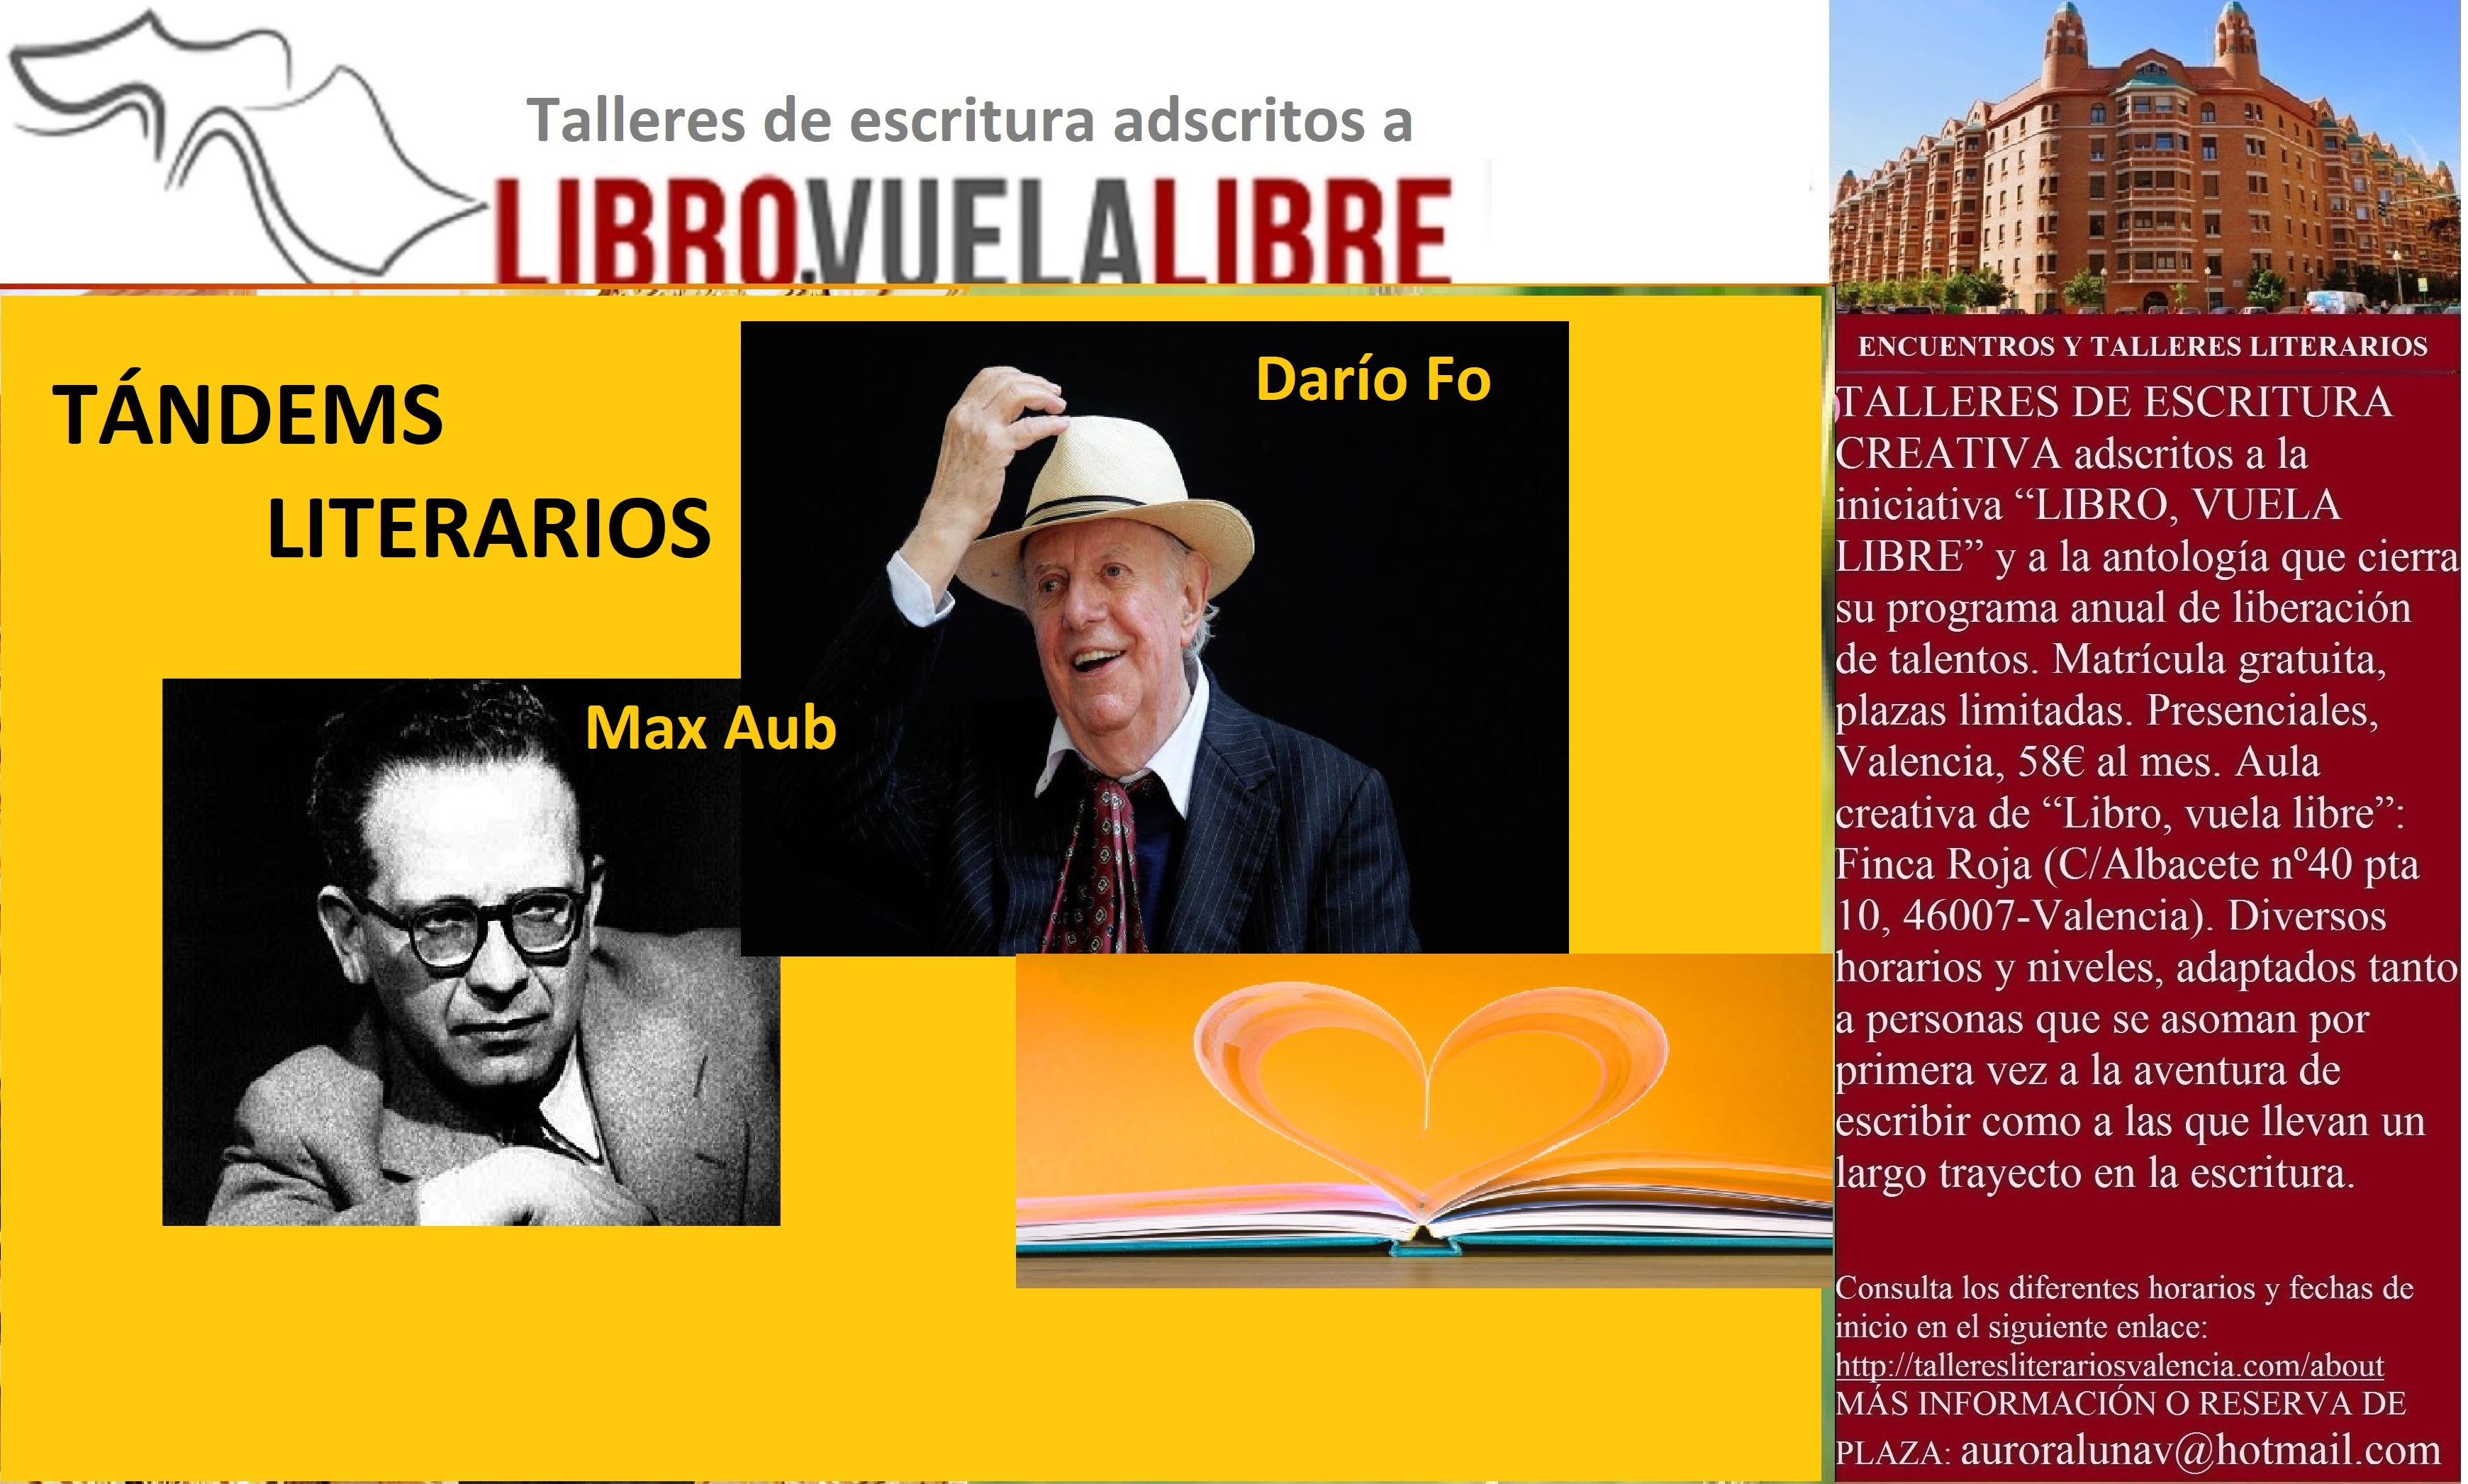 Tándems literarios: Darío Fo Y Max aub